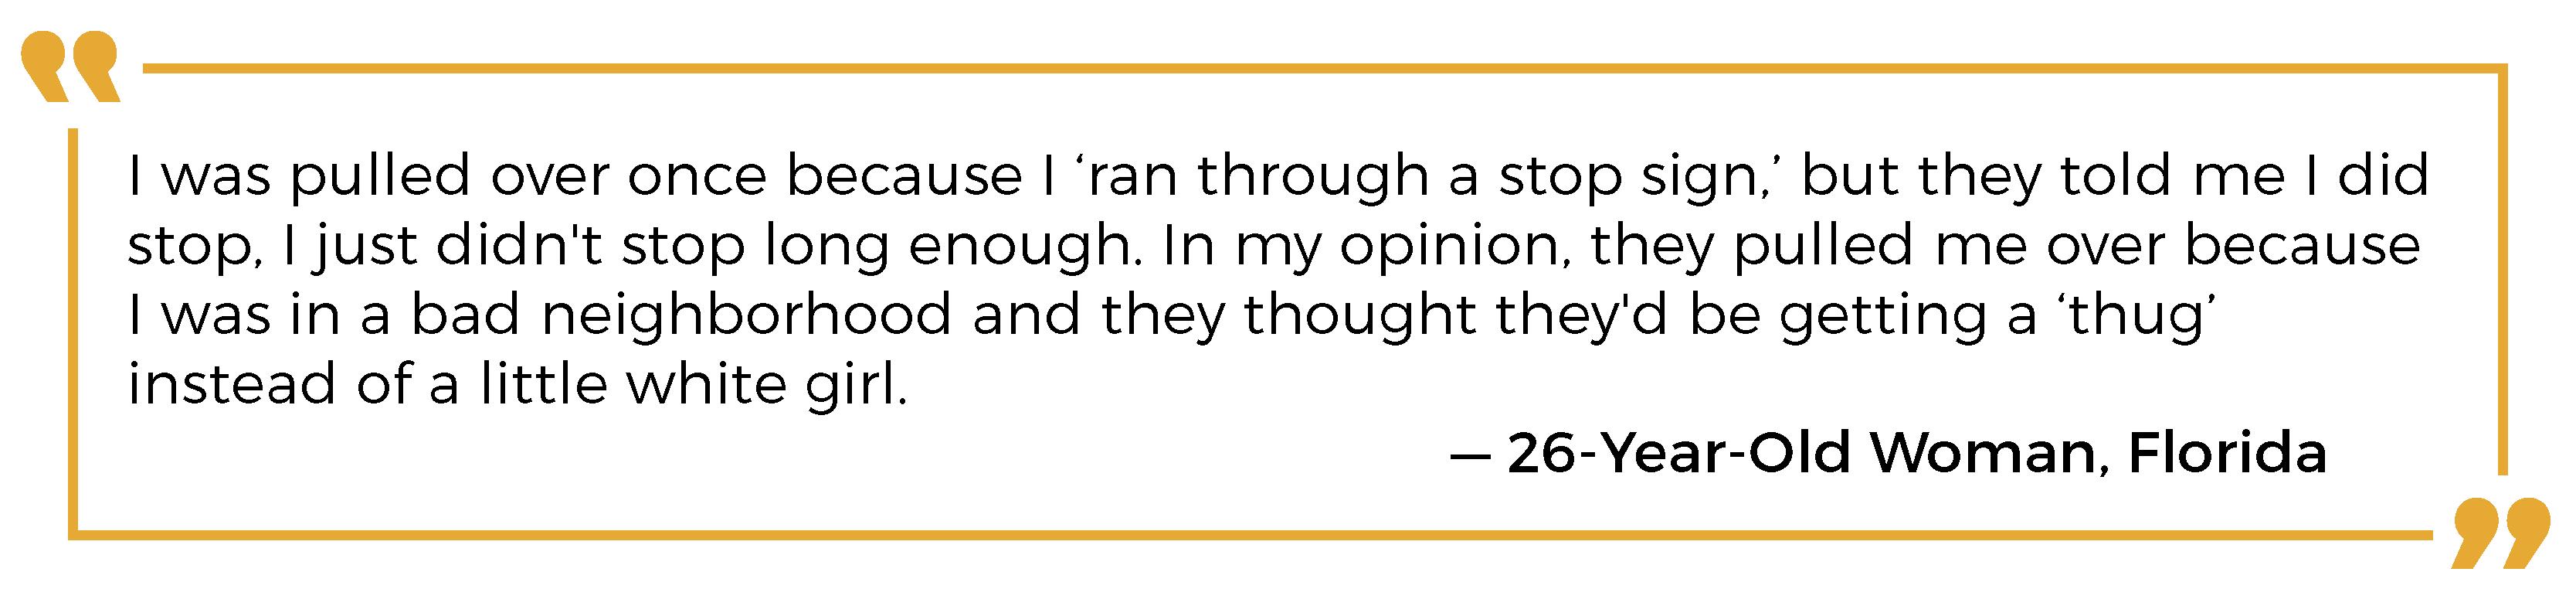 quote-female-26-florida